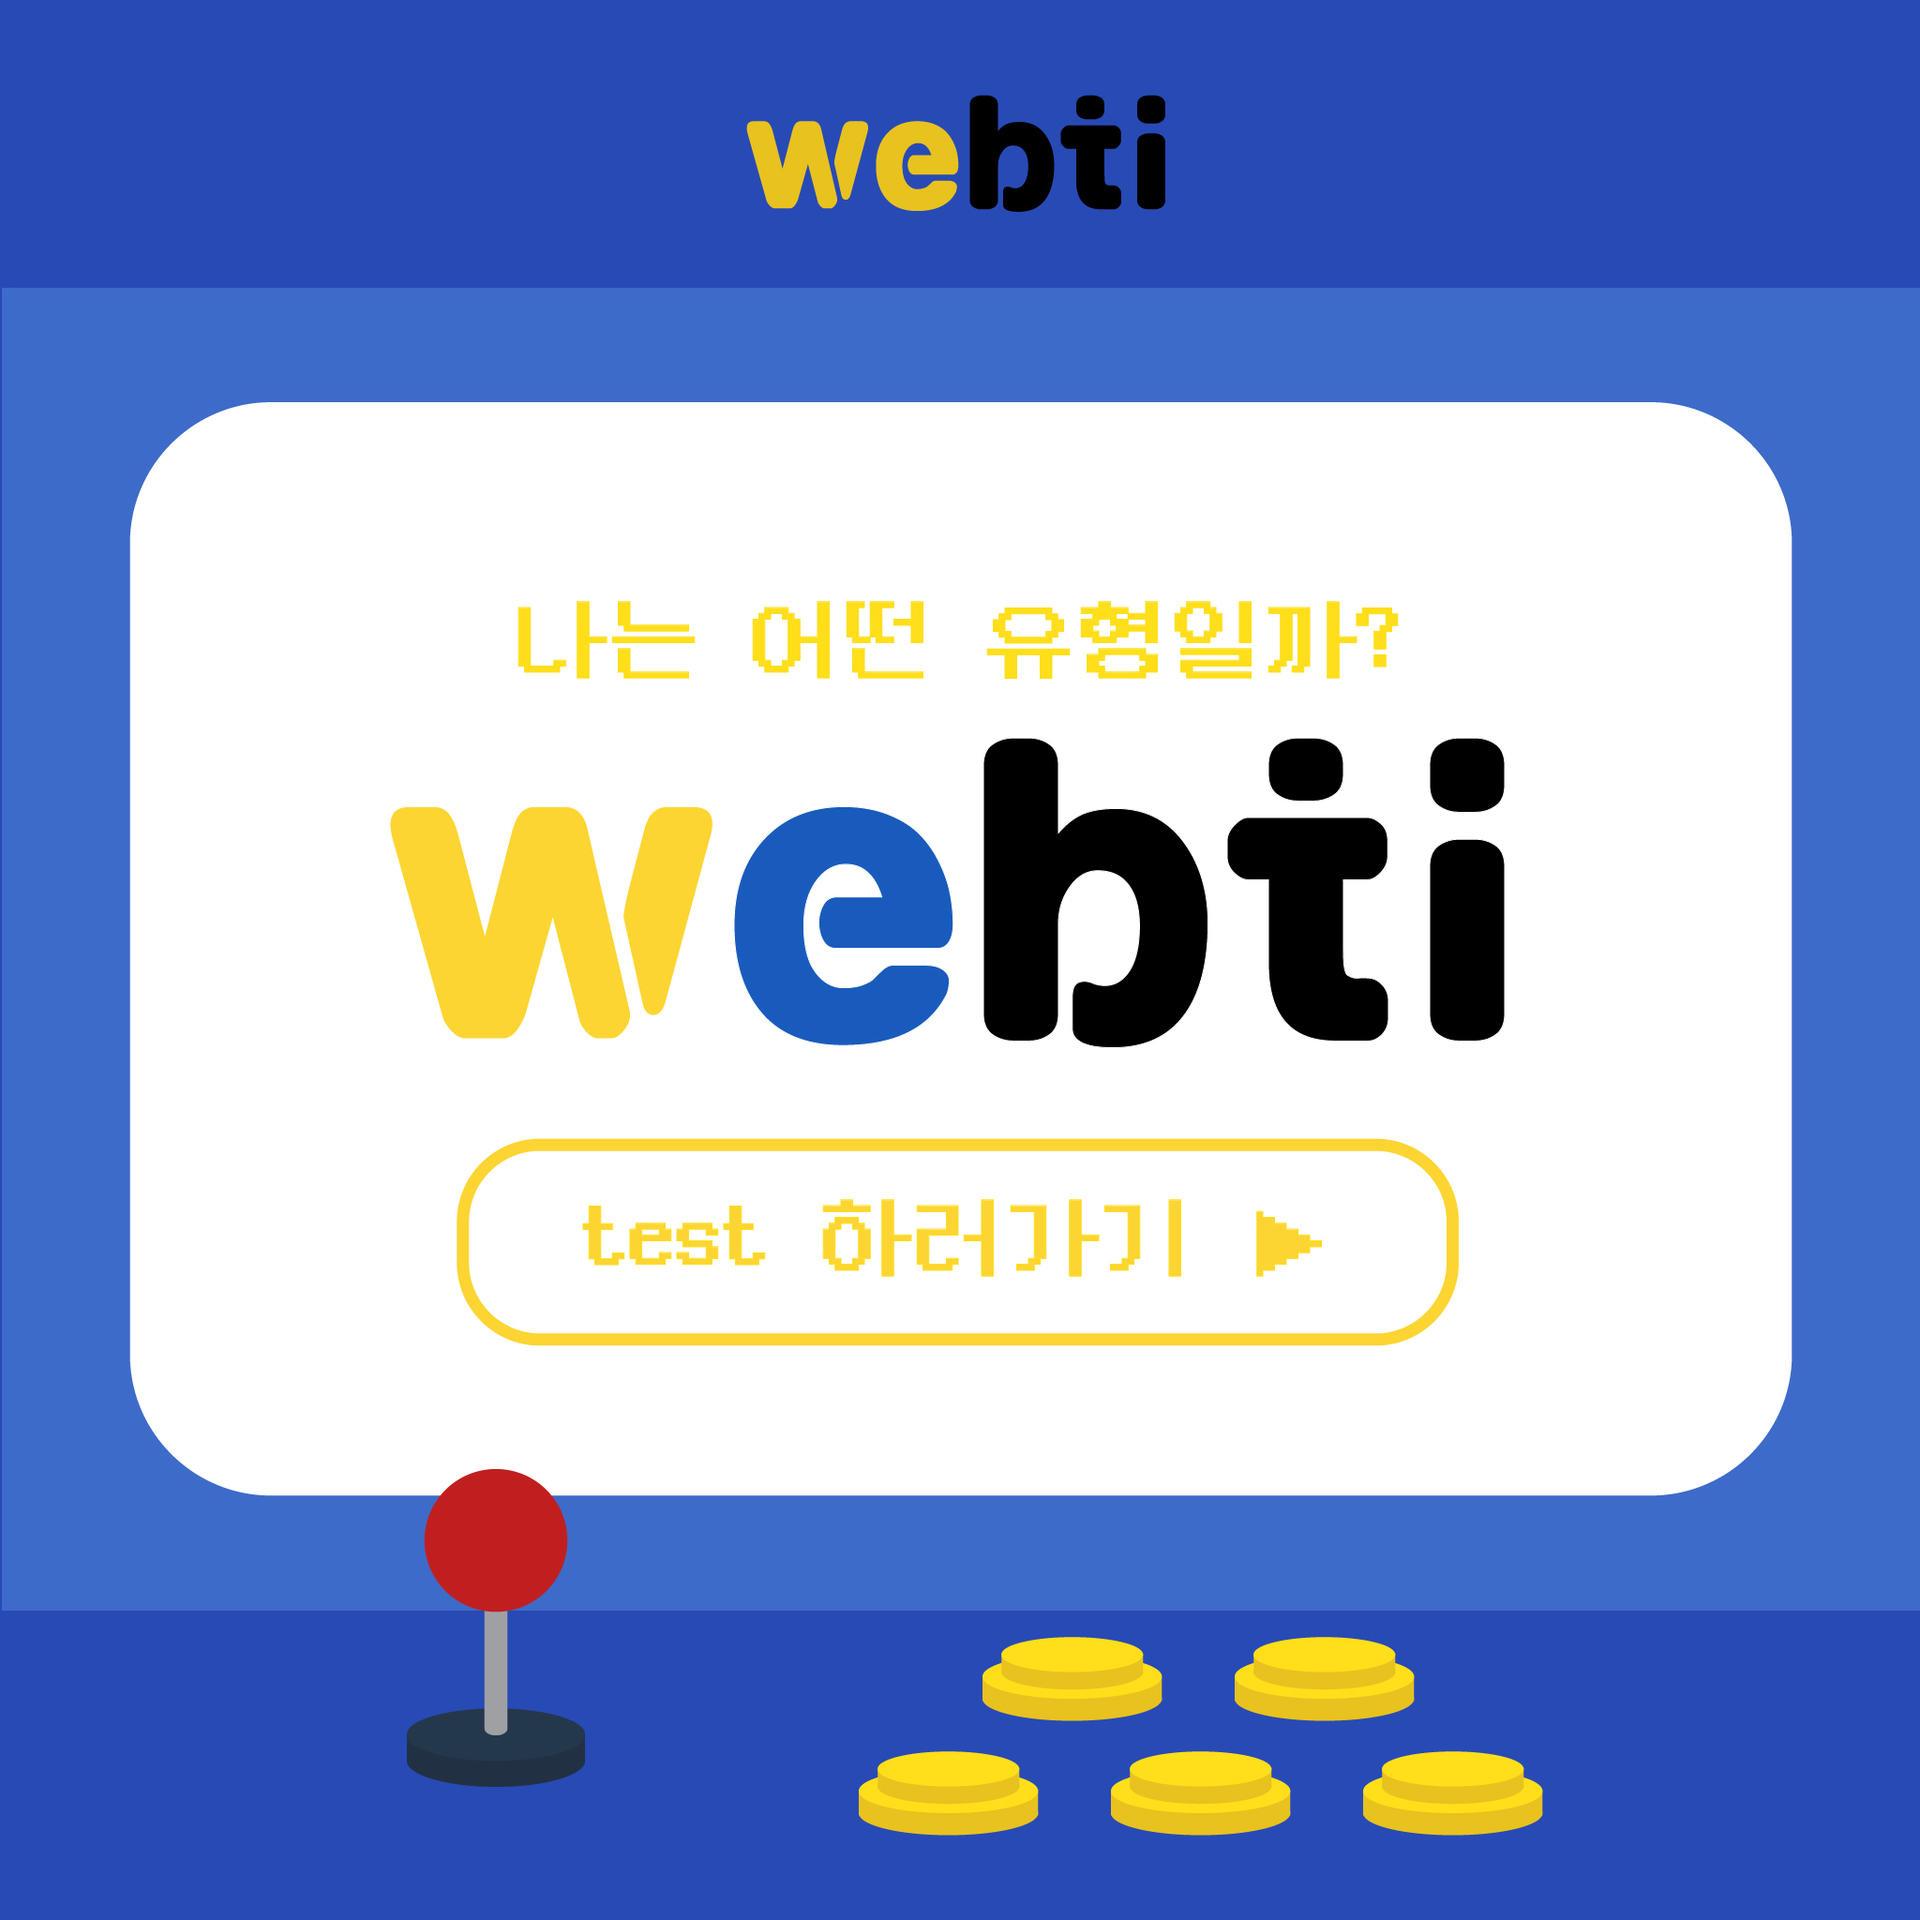 (디자인 설명 - 게임기 모양의 디자인 화면 안에 텍스트가 적힌다.) 나는 어떤 유형일까? webti test 하러 가기 ▶